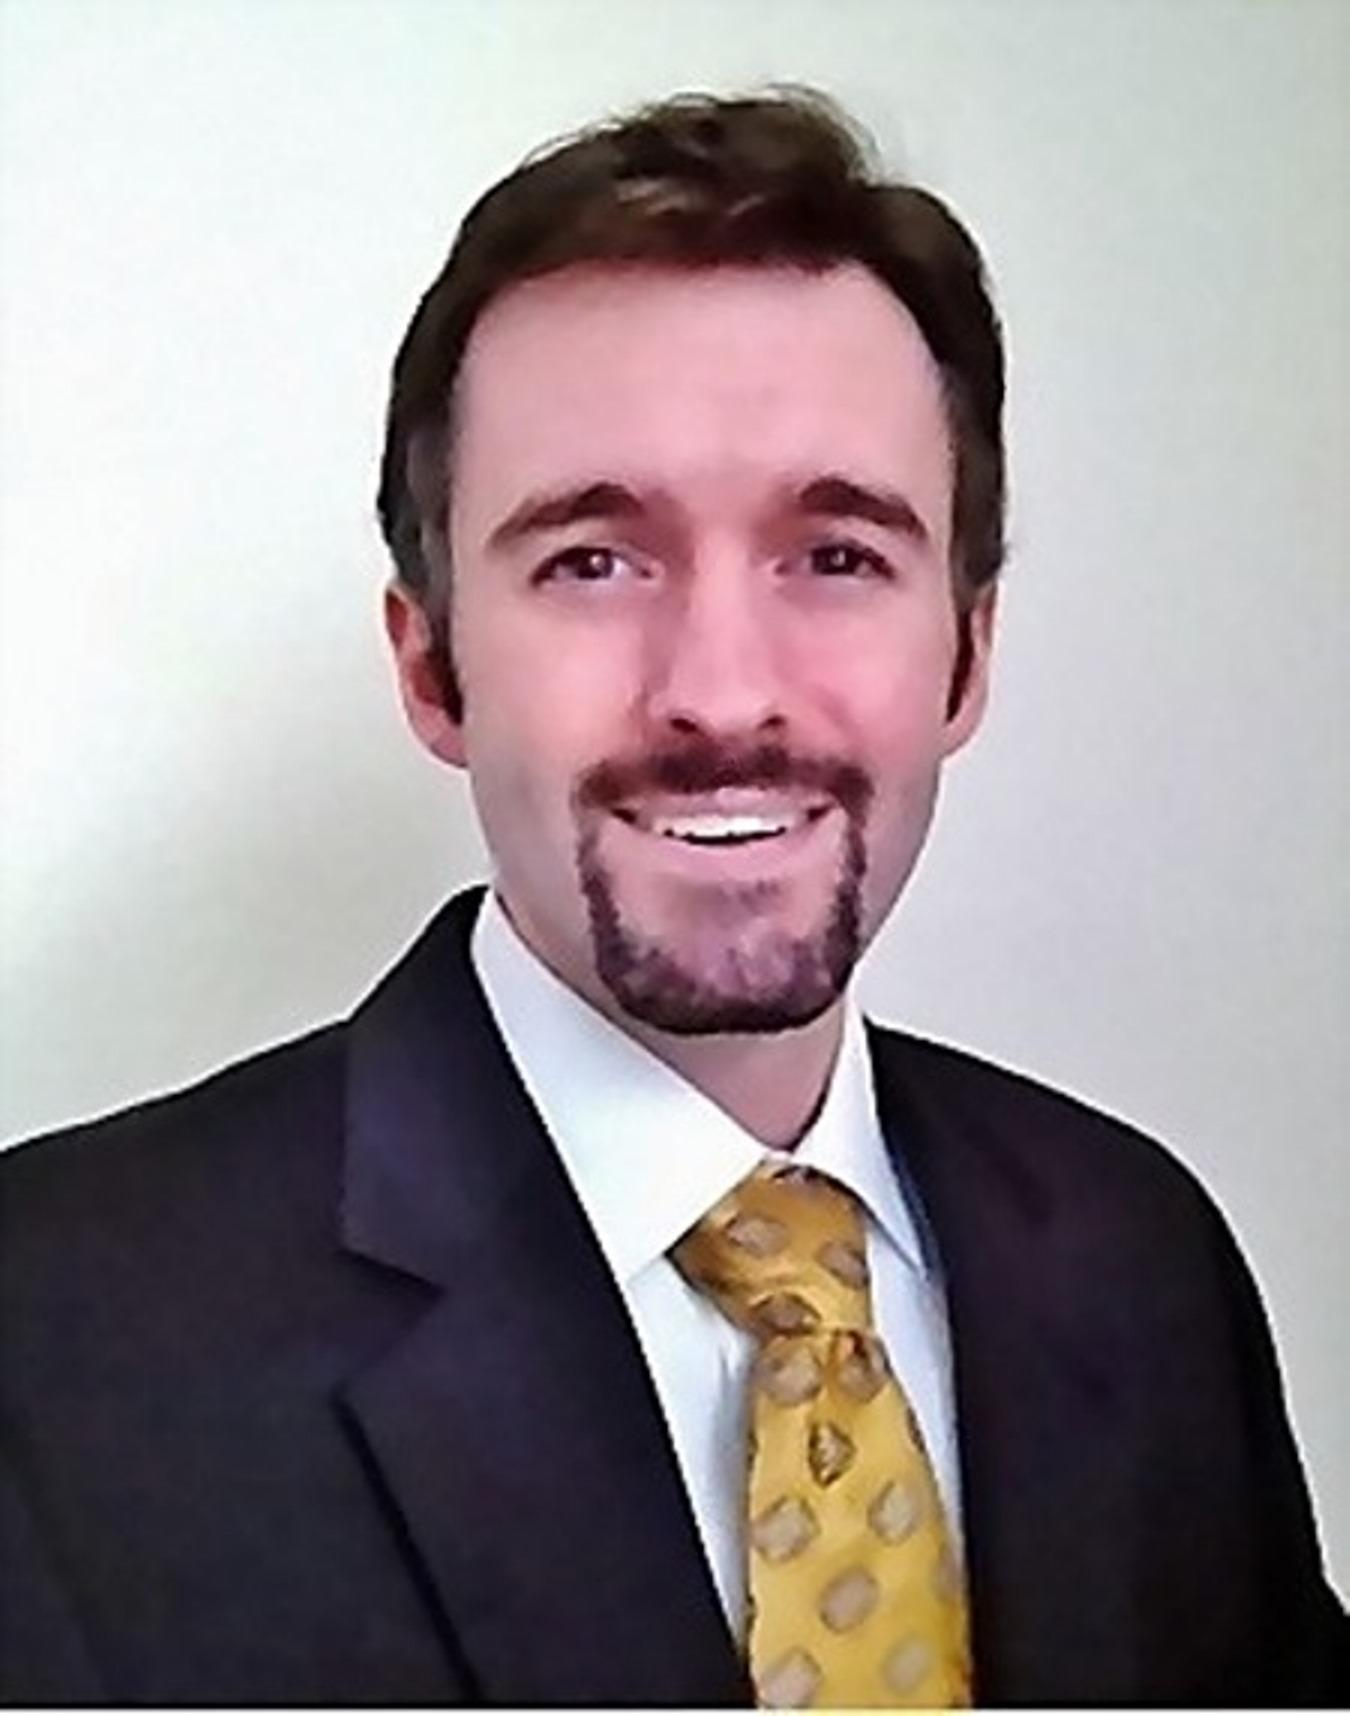 Sam Stephens